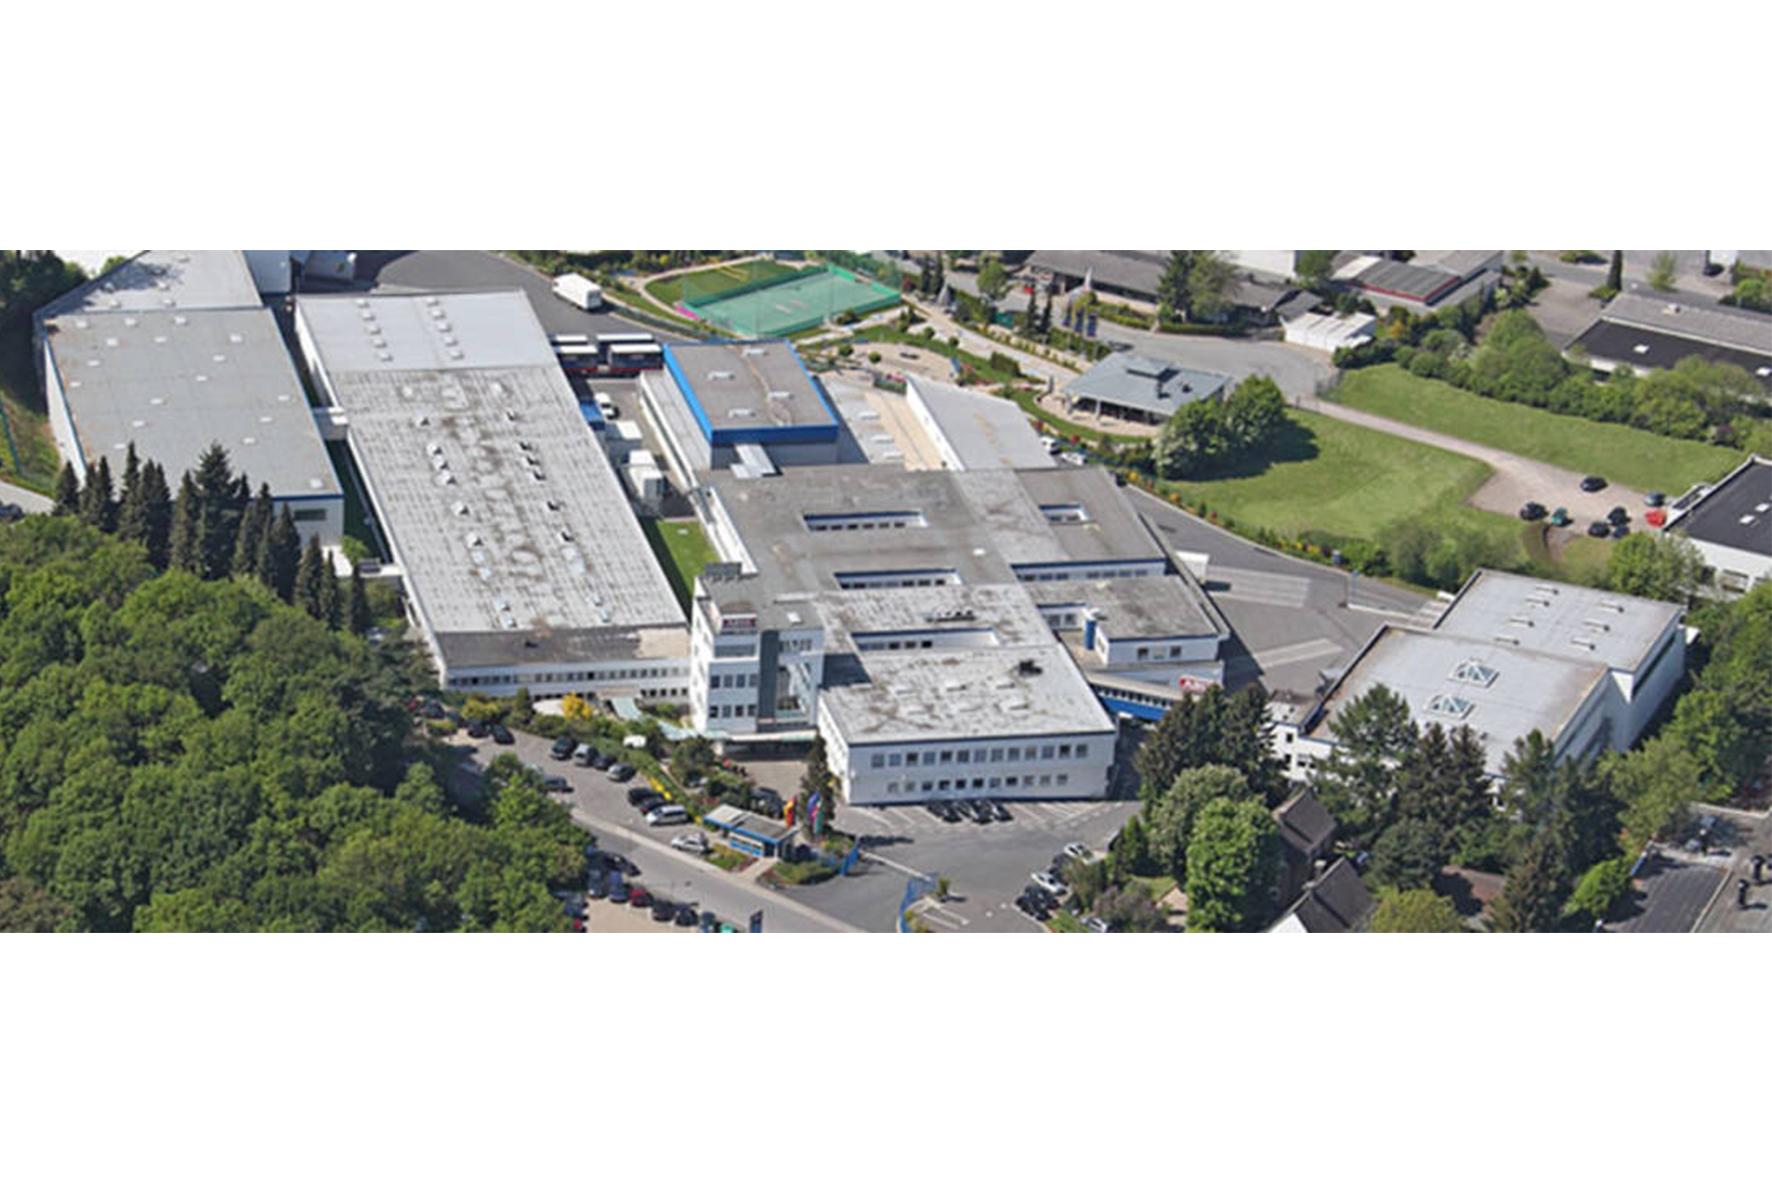 ABUS August Bremicker Söhne KG; Lager- und Produktionshallen